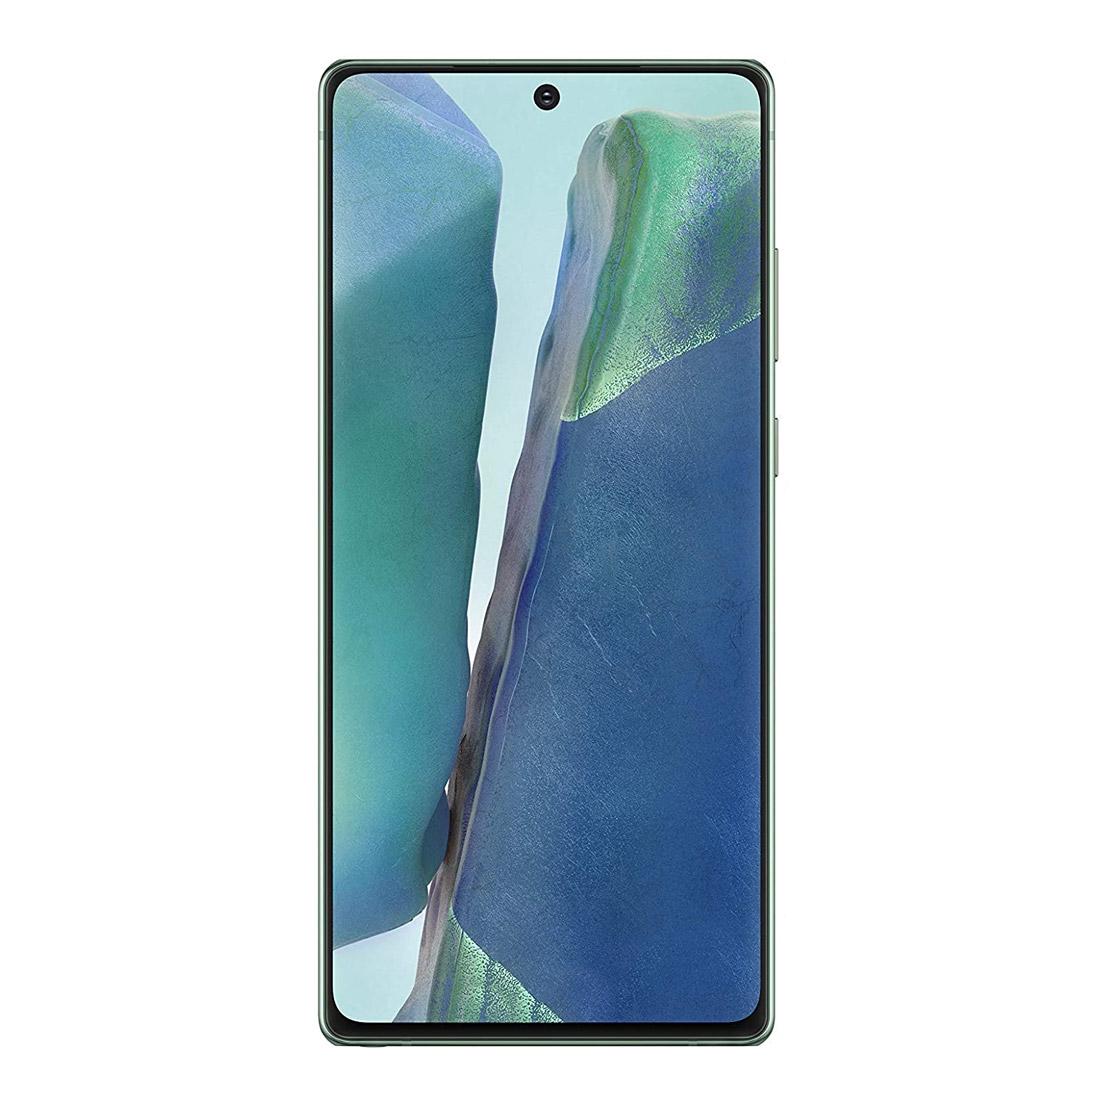 """Samsung Galaxy Note 20 (4G, 6.7"""", 64MP, 256GB/8GB) - Green"""